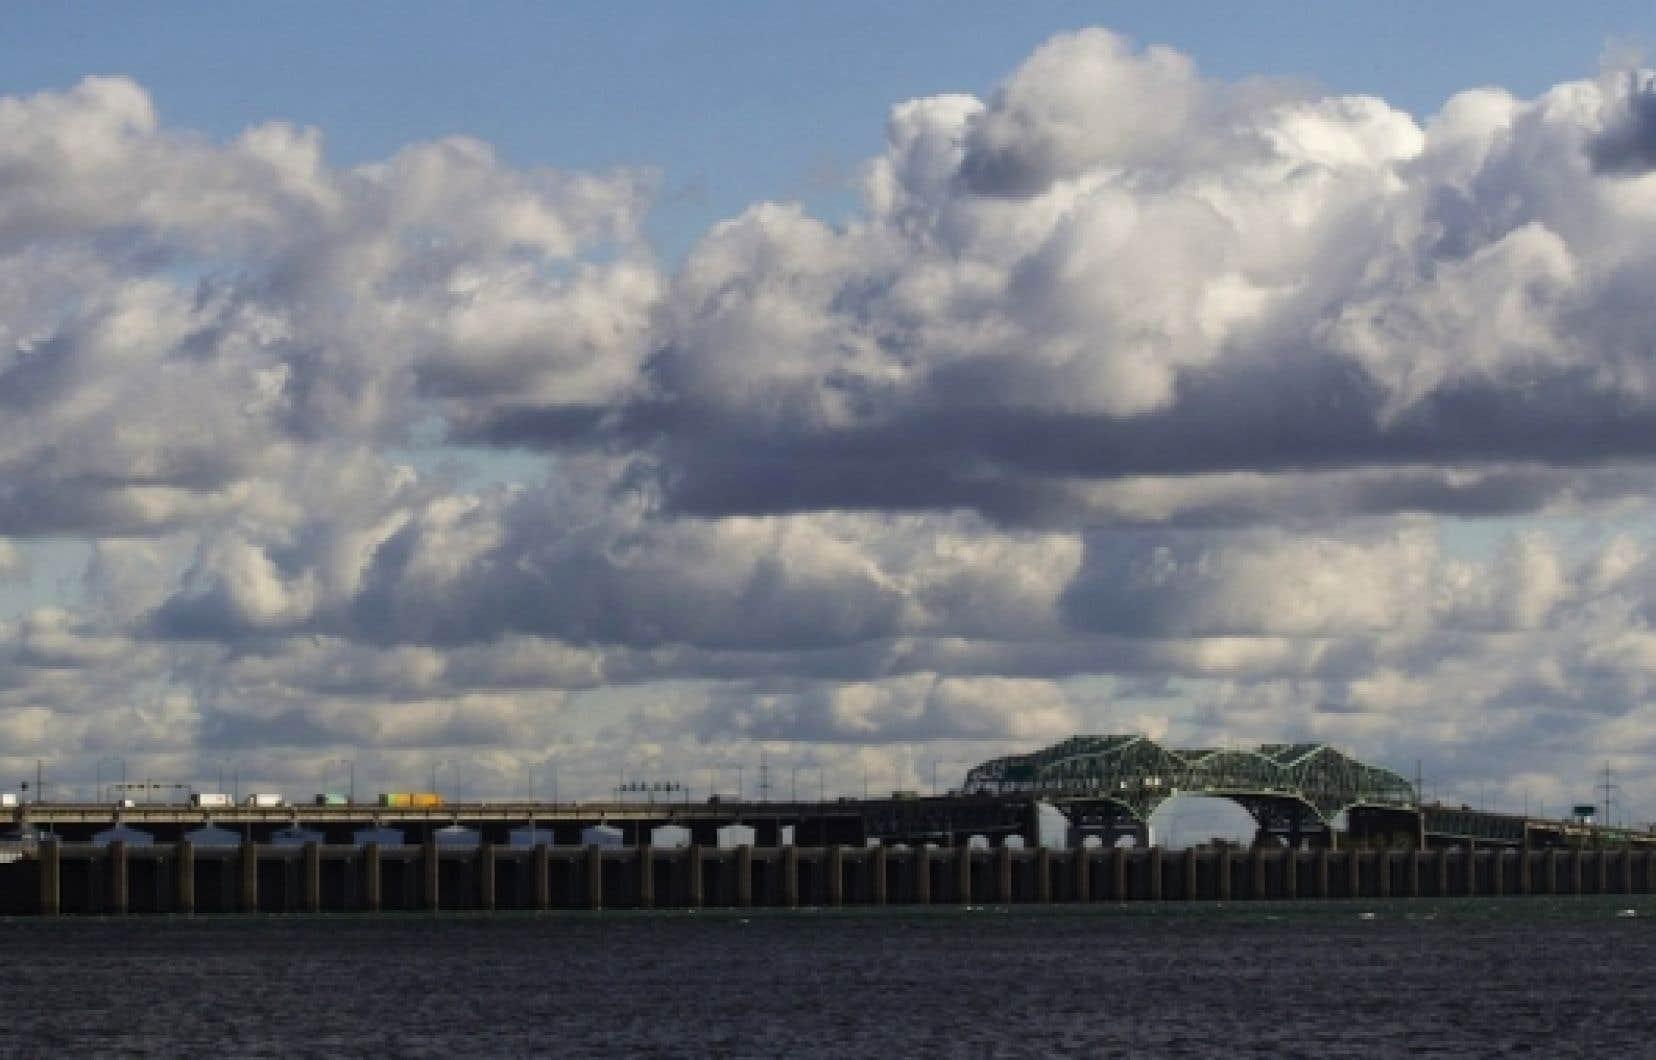 L'appel d'offres pour le dossier d'affaires du nouveau pont Champlain demande aux soumissionnaires de conseiller Transport Canada «sur le financement possible et la gouvernance de certains des autres ouvrages à Montréal appartenant au gouvernement fédéral».